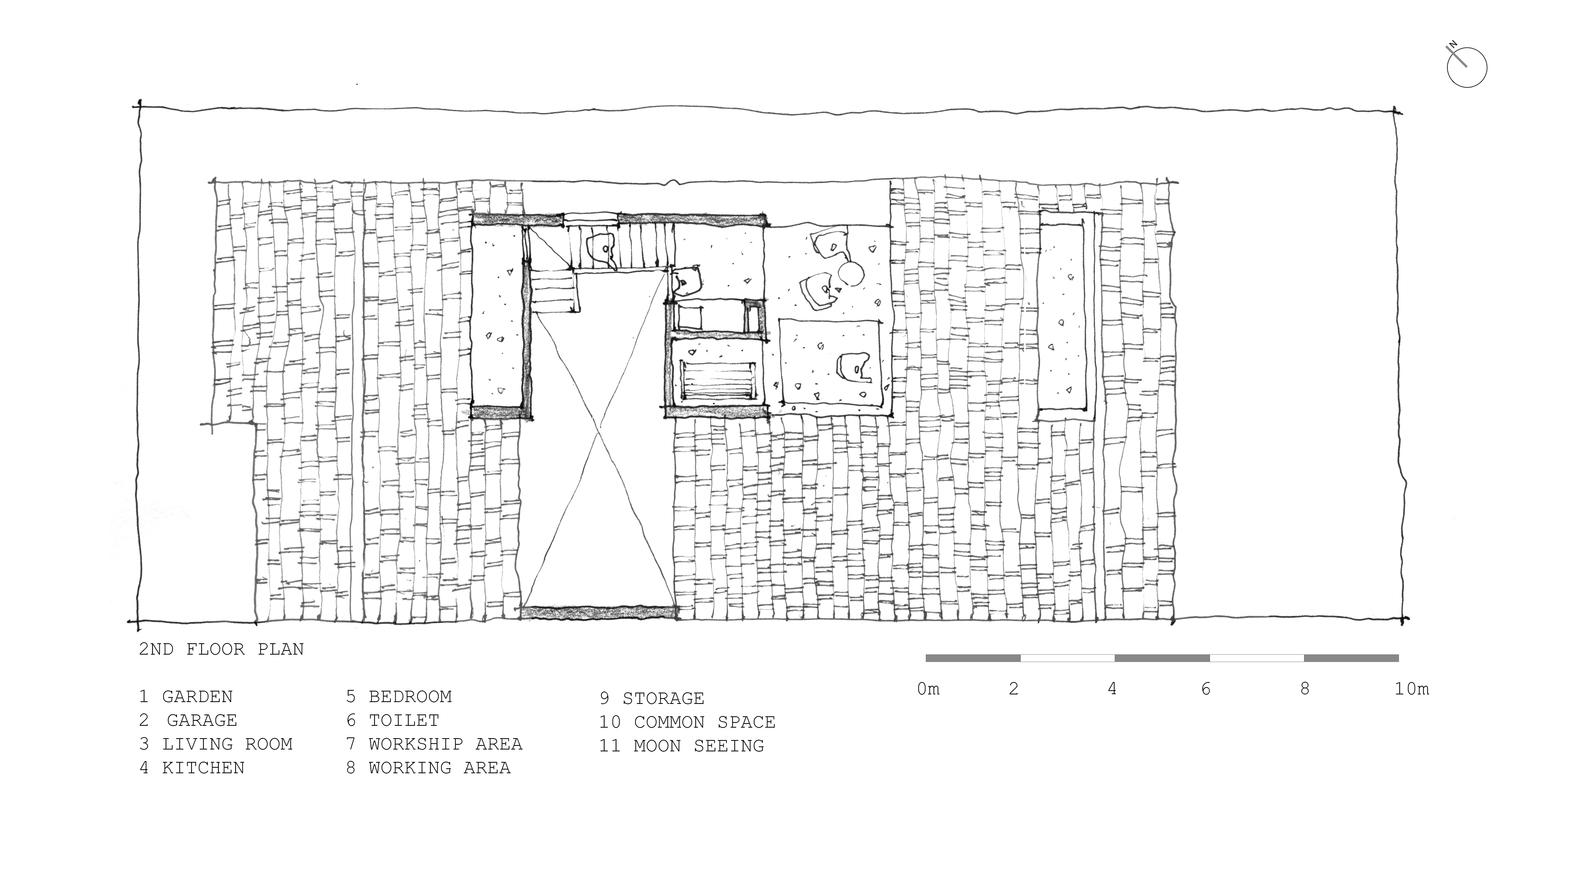 tile roof house k59atelier second floor plan [ 1582 x 870 Pixel ]